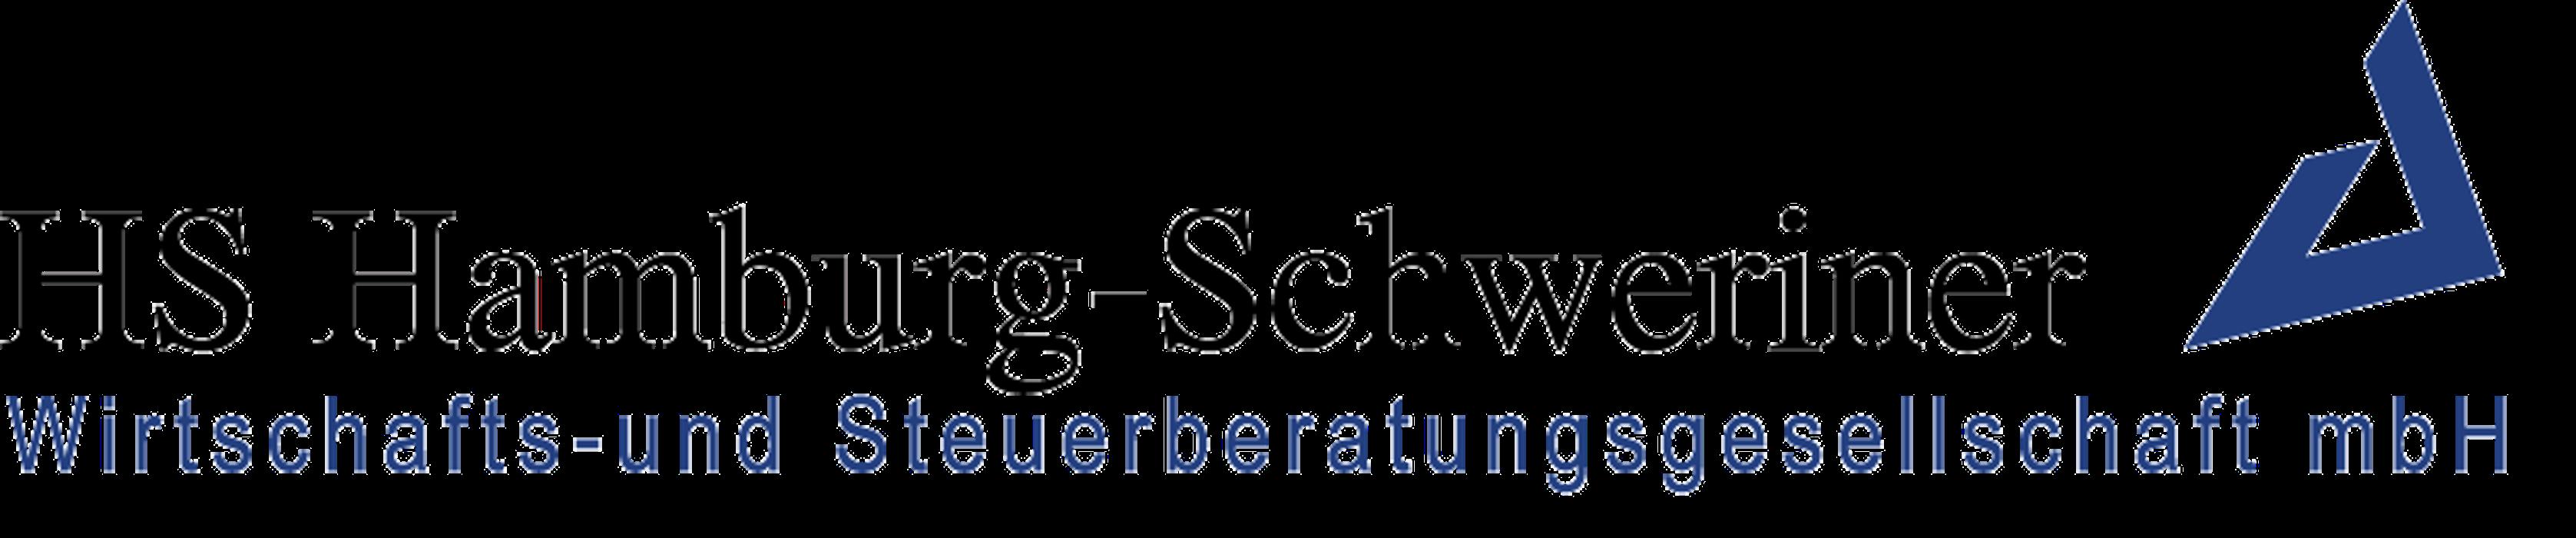 Bild zu HS Hamburg-Schweriner Wirtschafts- und Steuerberatungsgesellschaft mbH in Schwerin in Mecklenburg